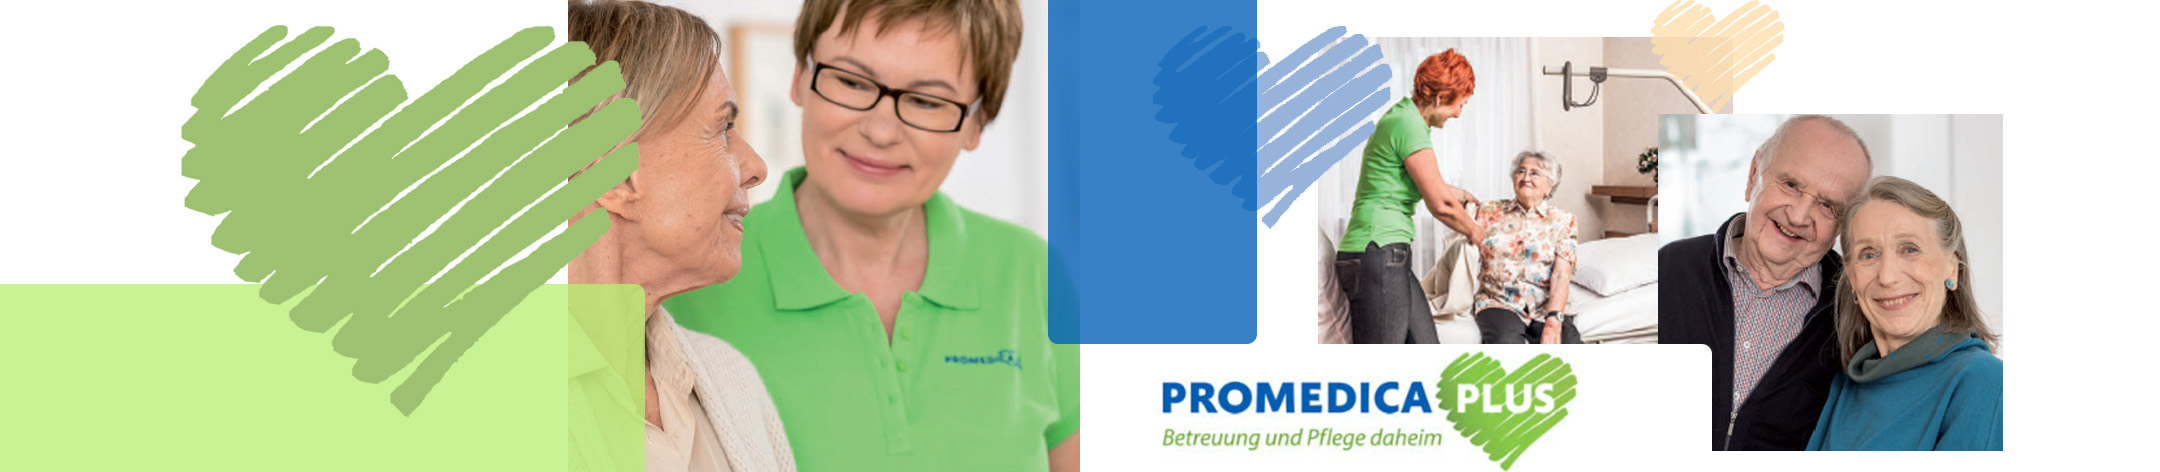 Promedica PLUS - Pflegekräfte aus Europa